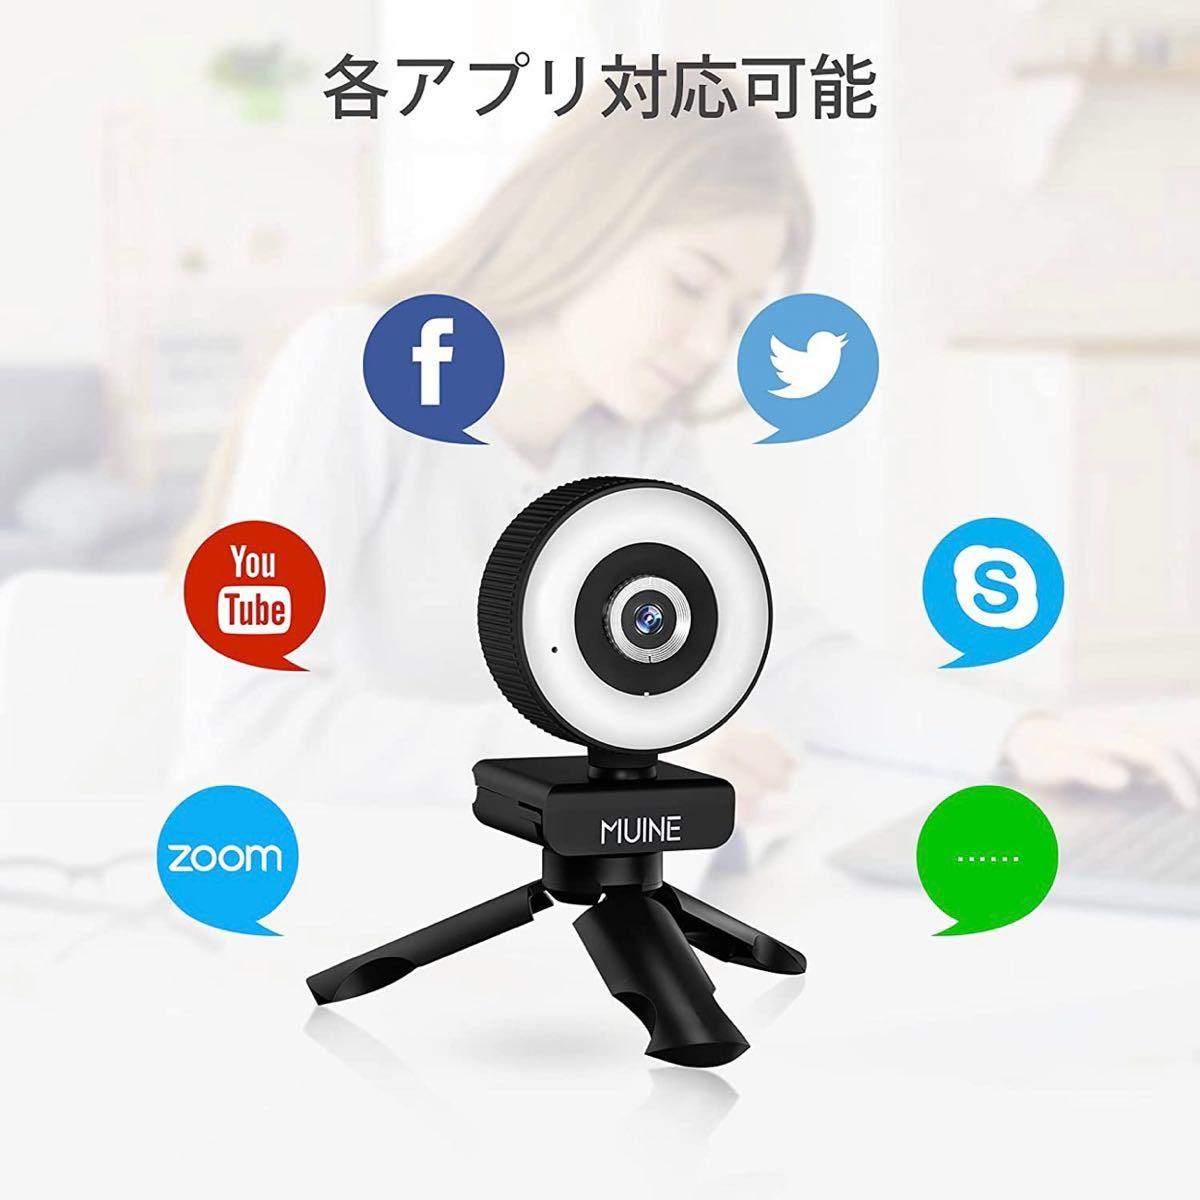 ウェブカメラ  WEBカメラ フルHD1080P 200万画素高画質 三脚付き